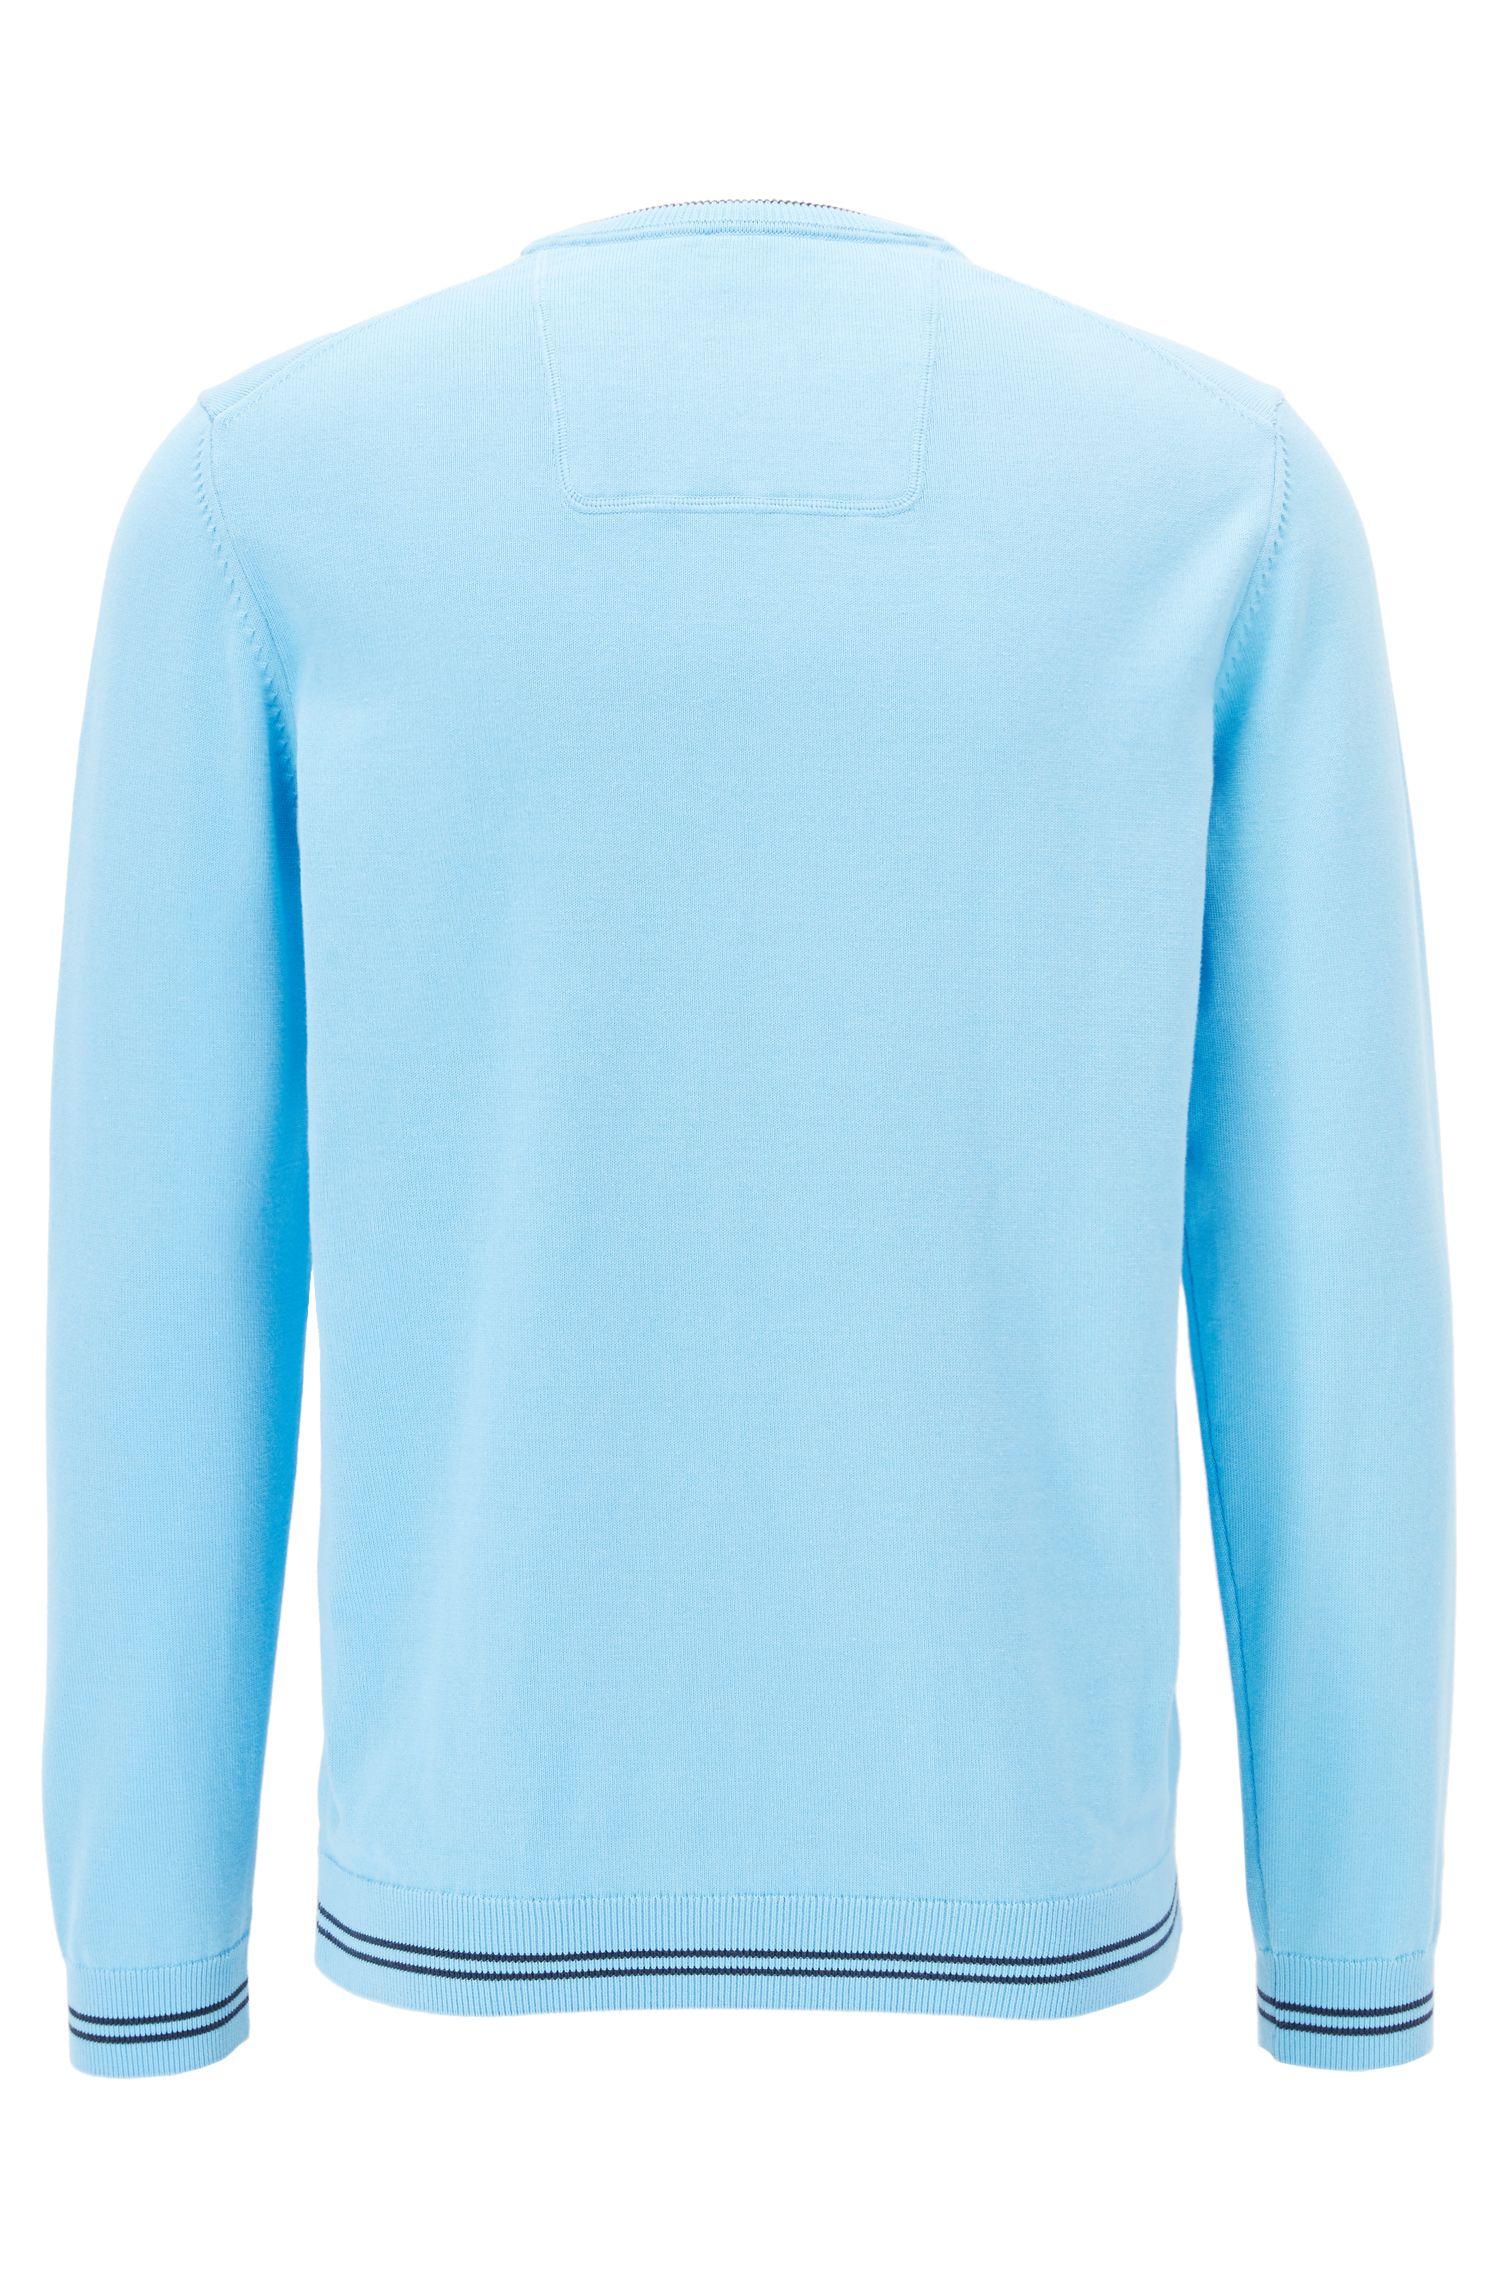 Jersey de cuello redondo en mezcla de algodón